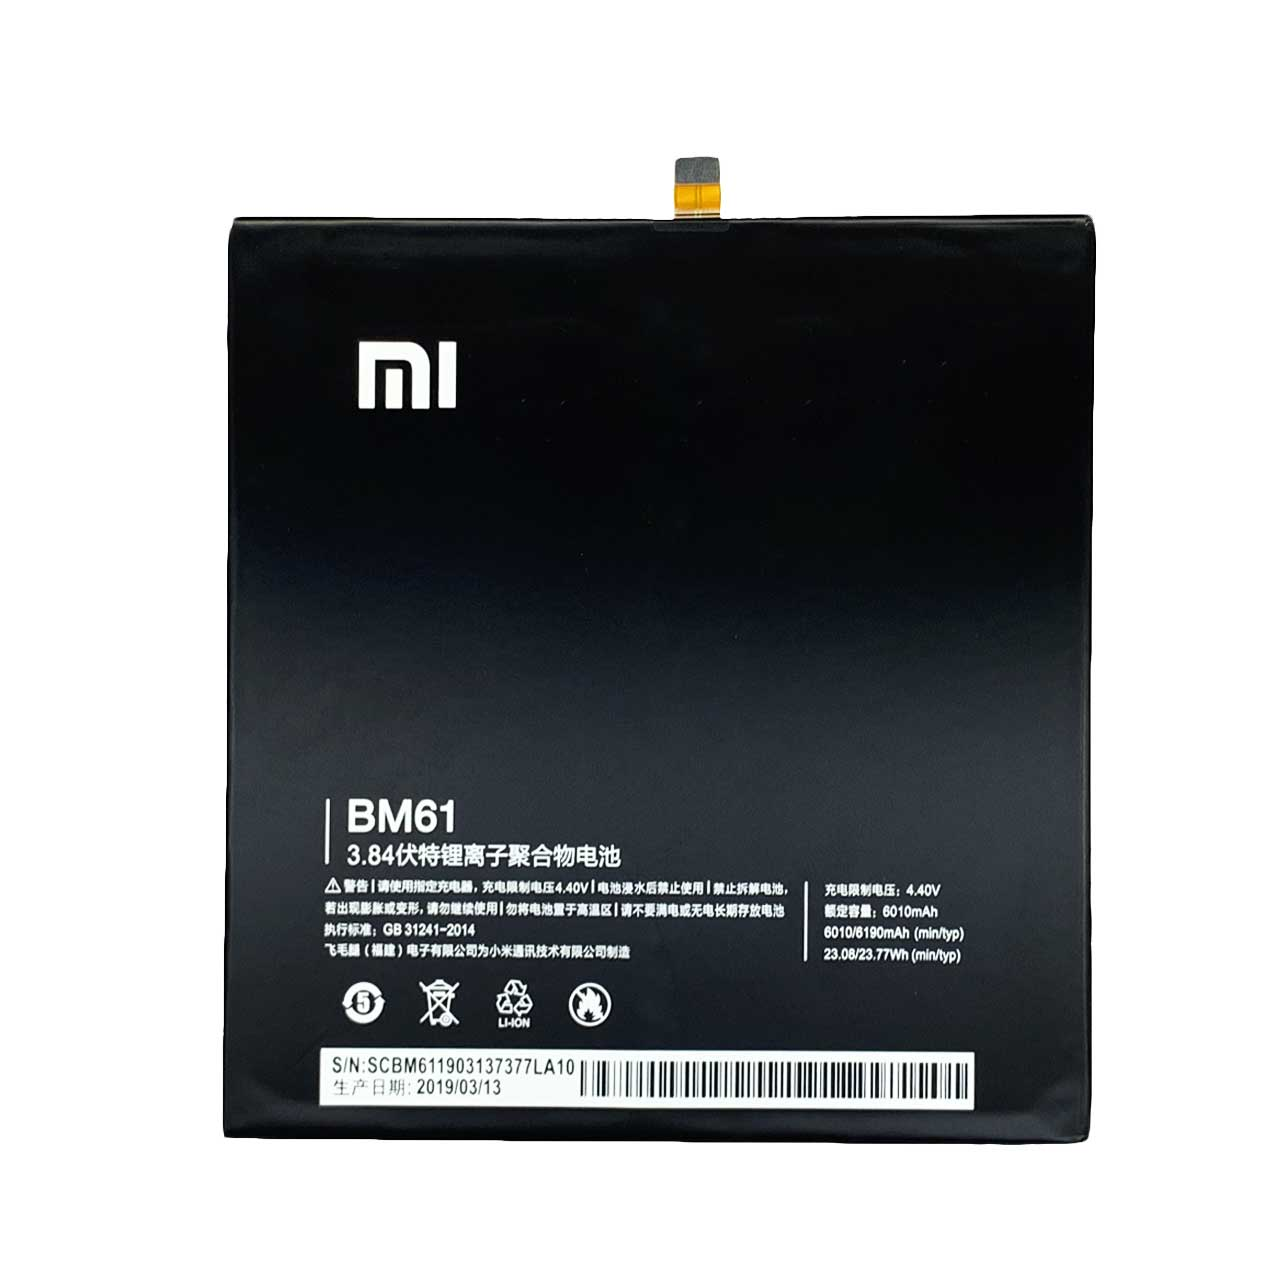 تصویر باتری تبلت شیائومی Xiaomi Mi Pad 2 با کد فنی BM61